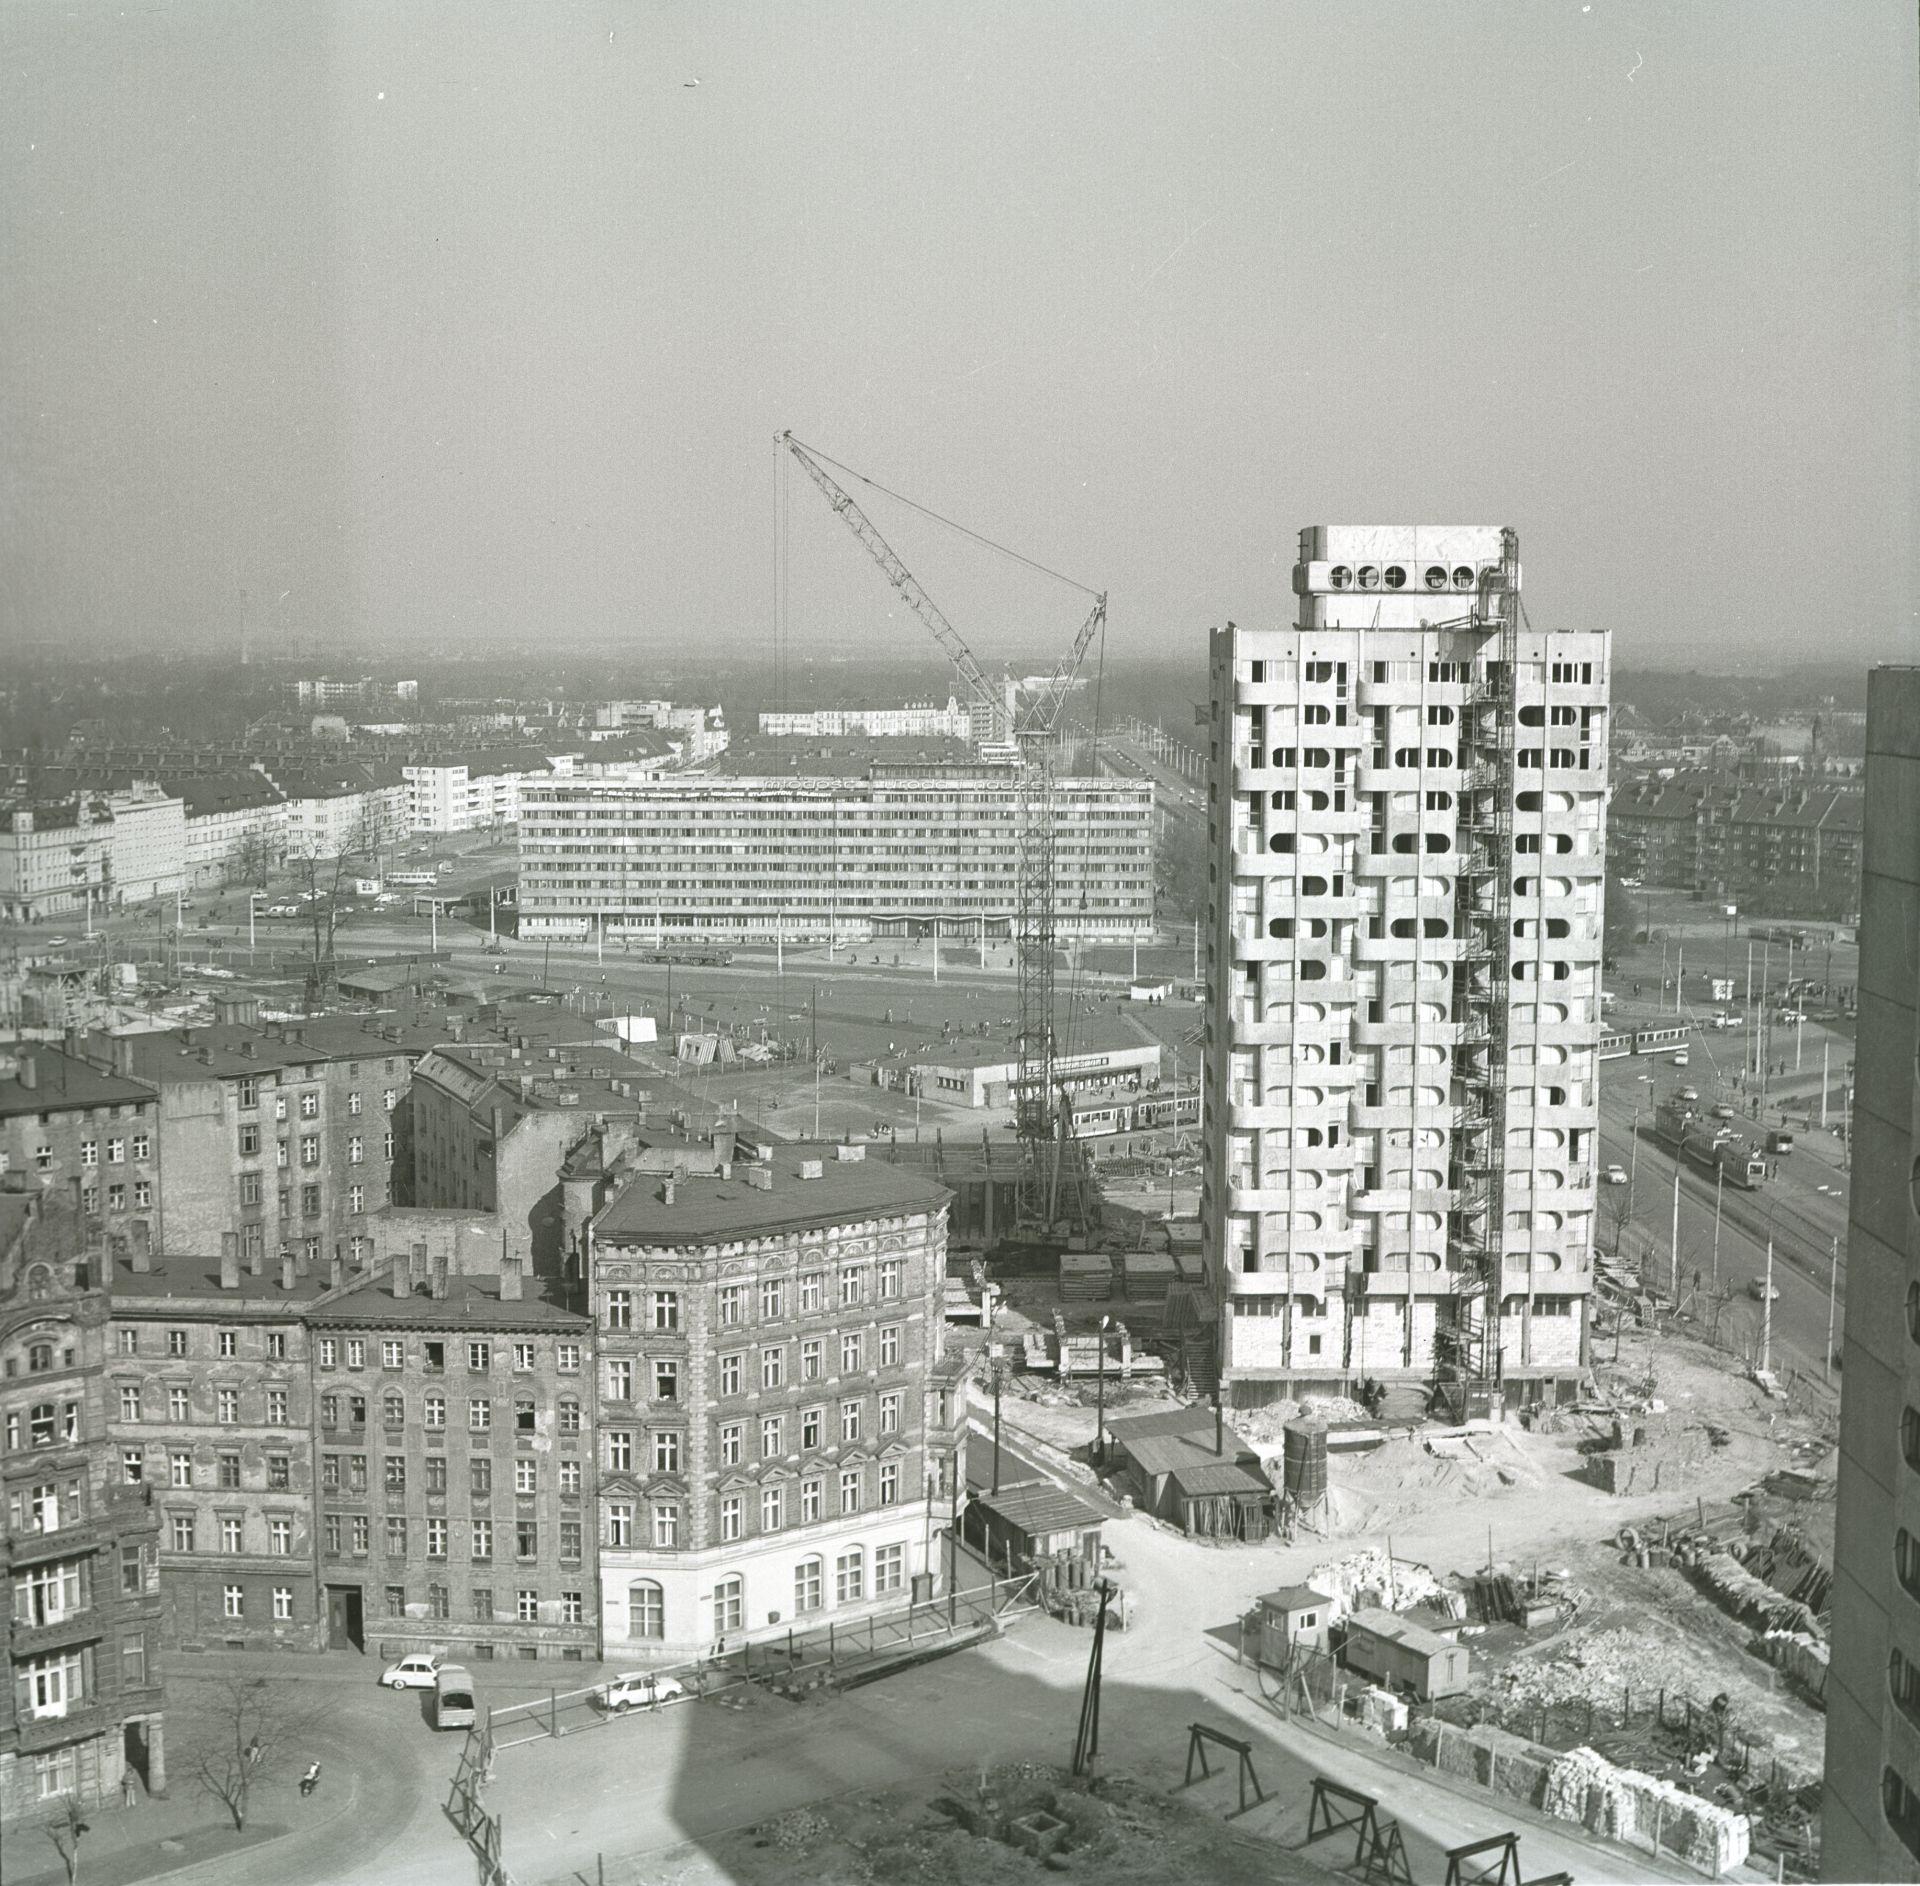 Budowa zespołu mieszkaniowego, plac Grunwaldzki, 1969–1975 (projekt 1963–1969), fot. Zbigniew Nowak, 1973, zbiory: Ośrodek Pamięć i Przyszłość (źródło: materiały prasowe organizatora)